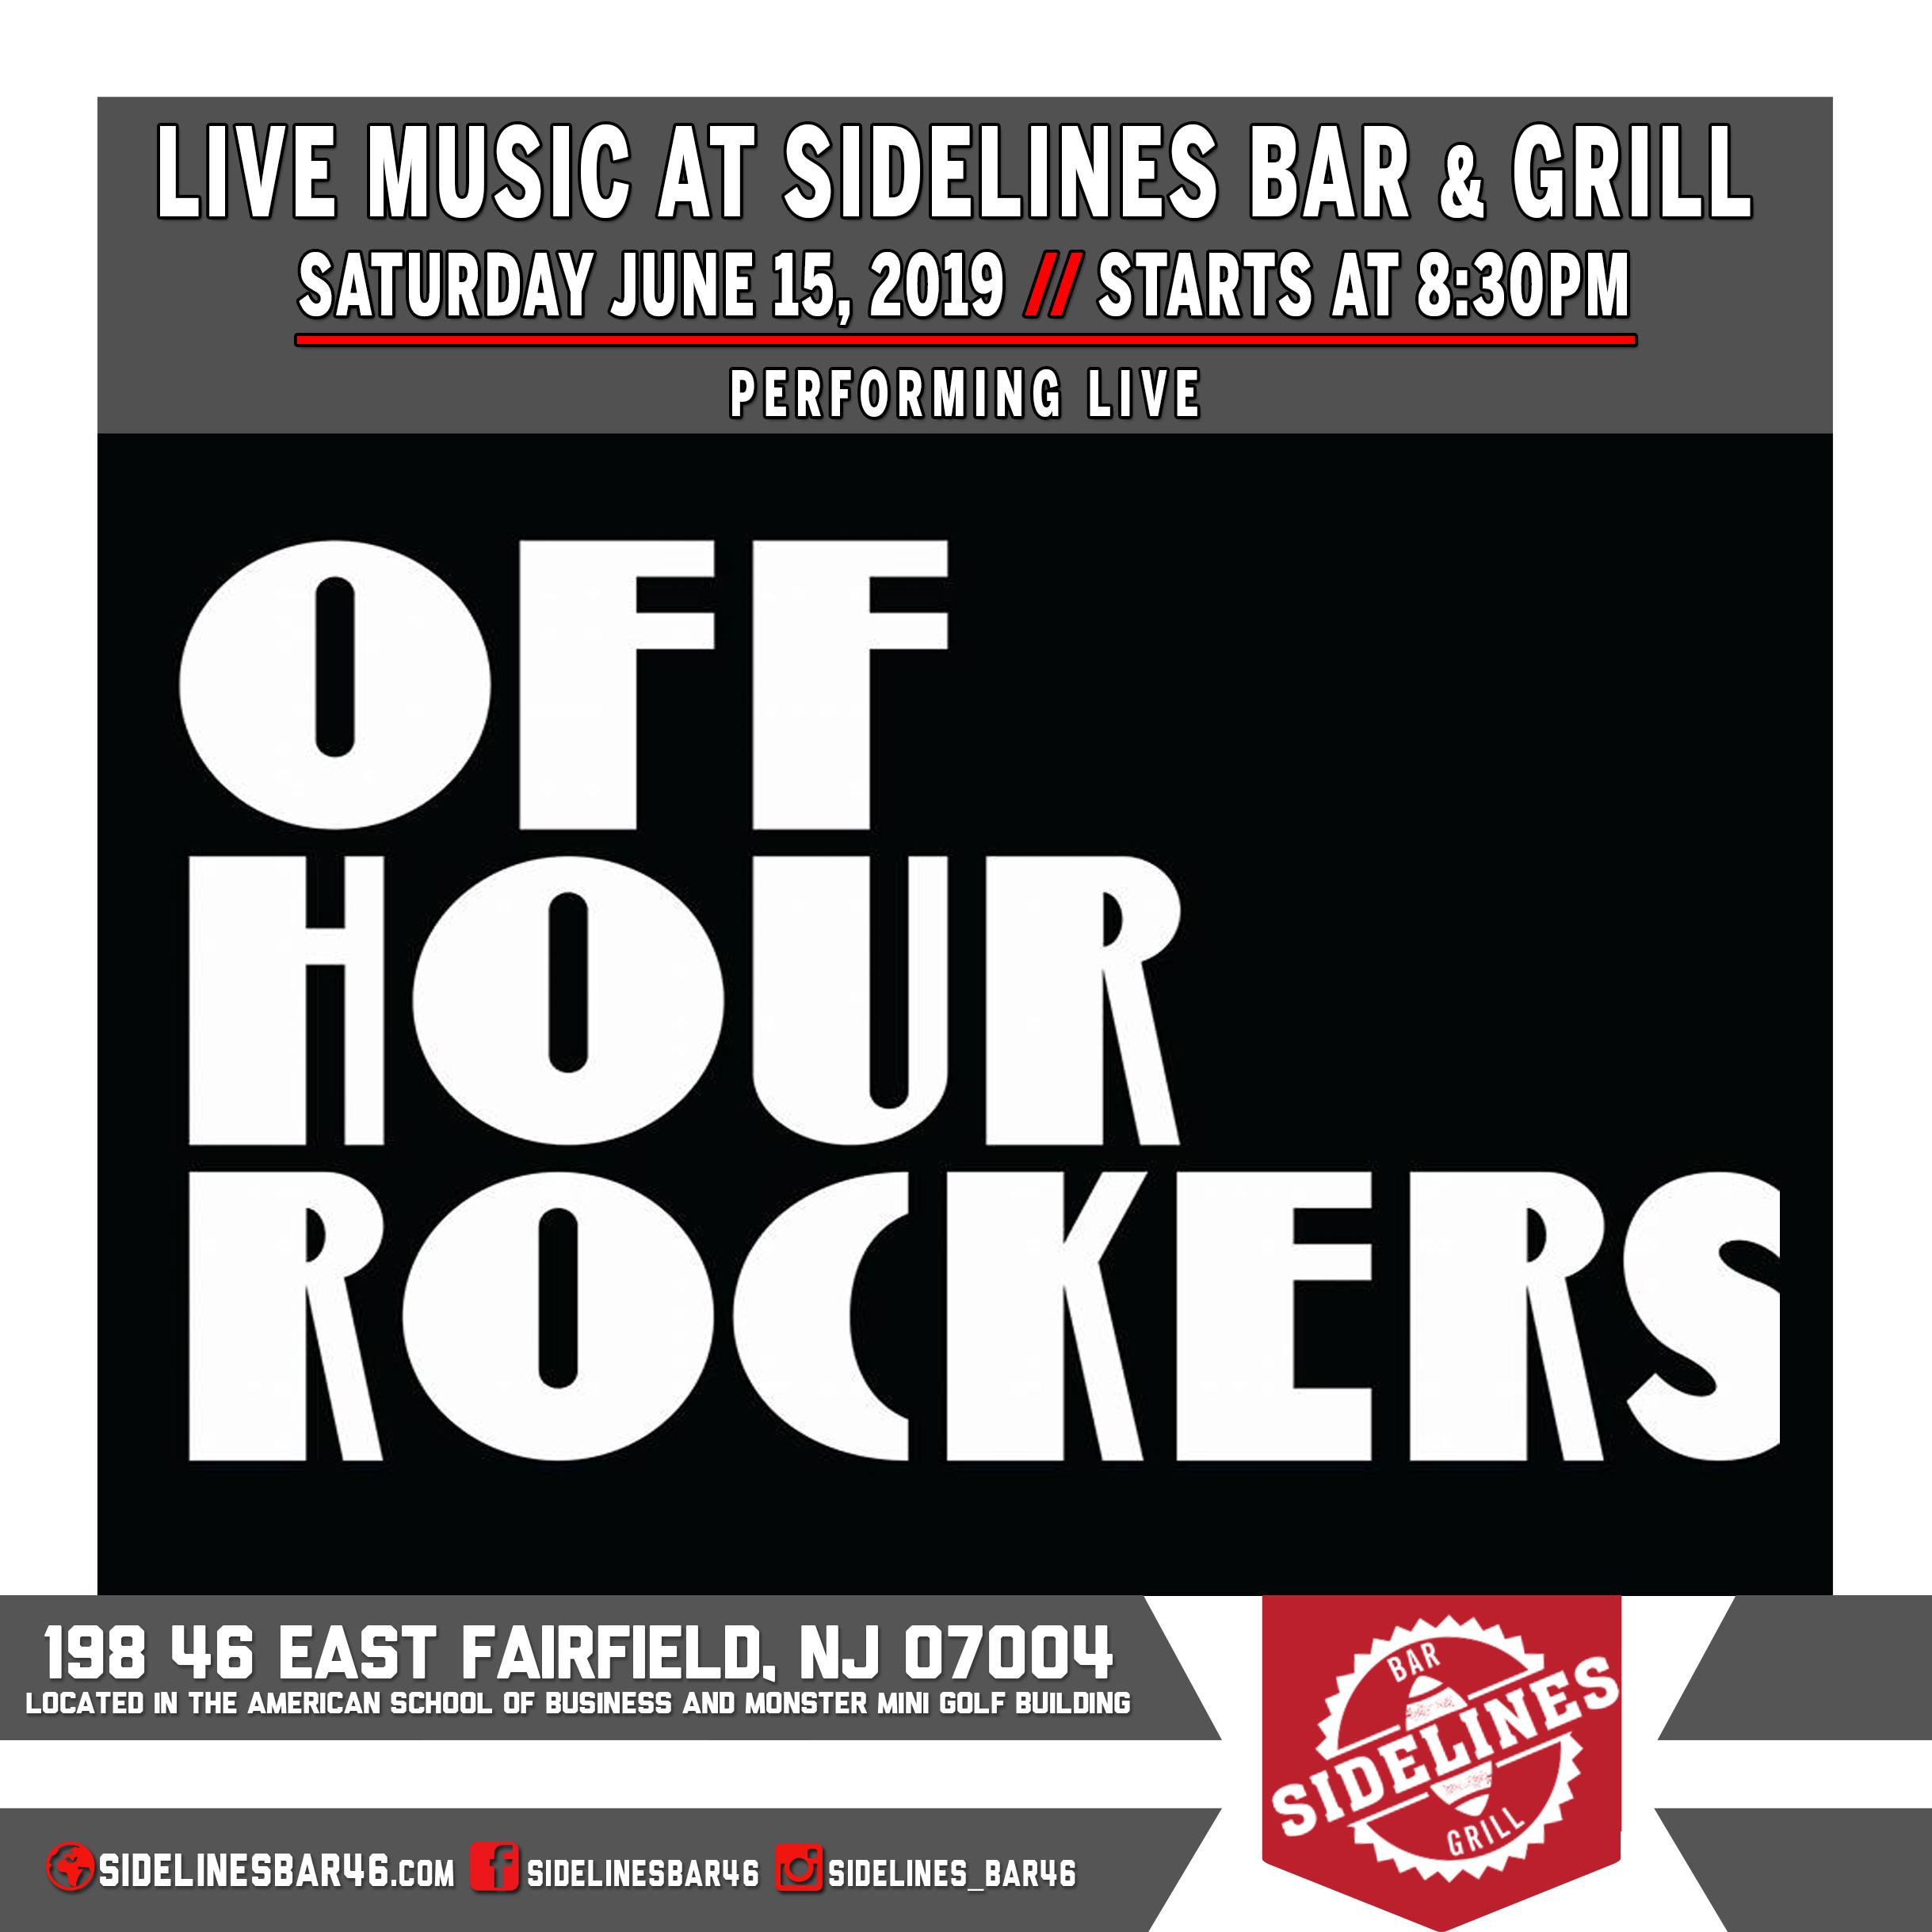 Sidelines_OffHourRockers_Sat_June15.jpg